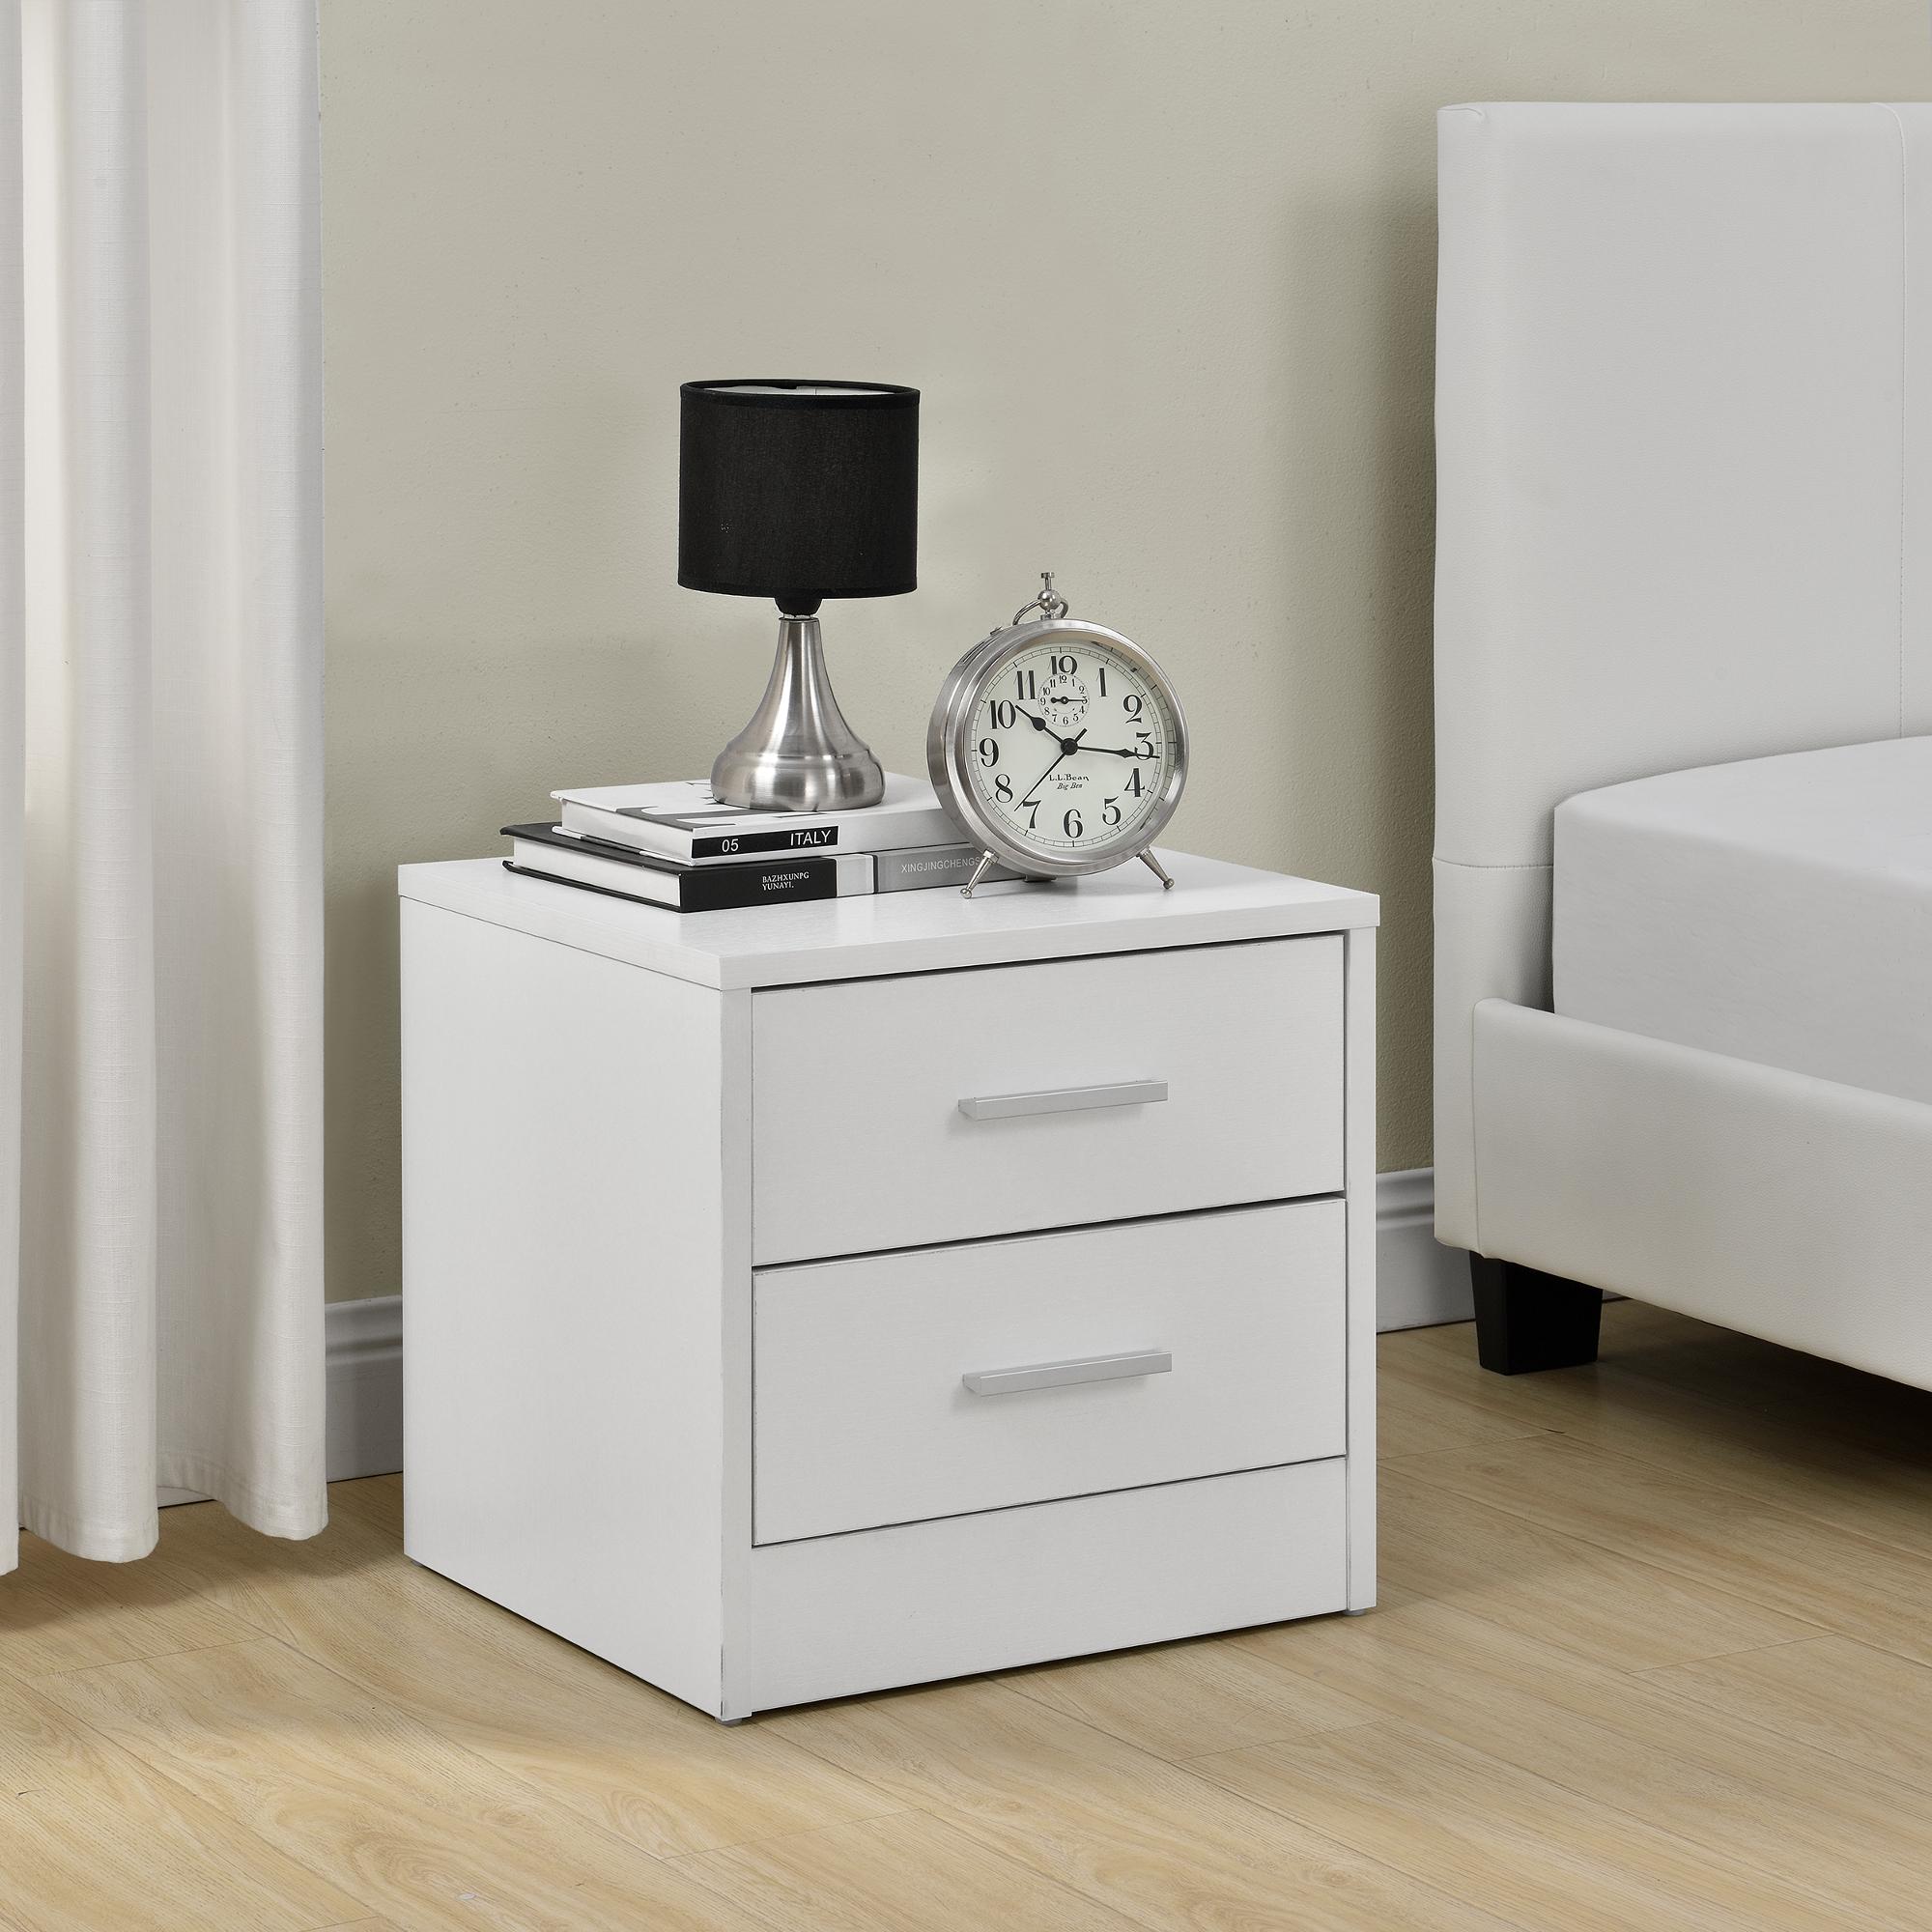 Table casa rangement de tiroirs table Détails chevet2 commode blanc suren d'appoint ® 0w8kOnXP